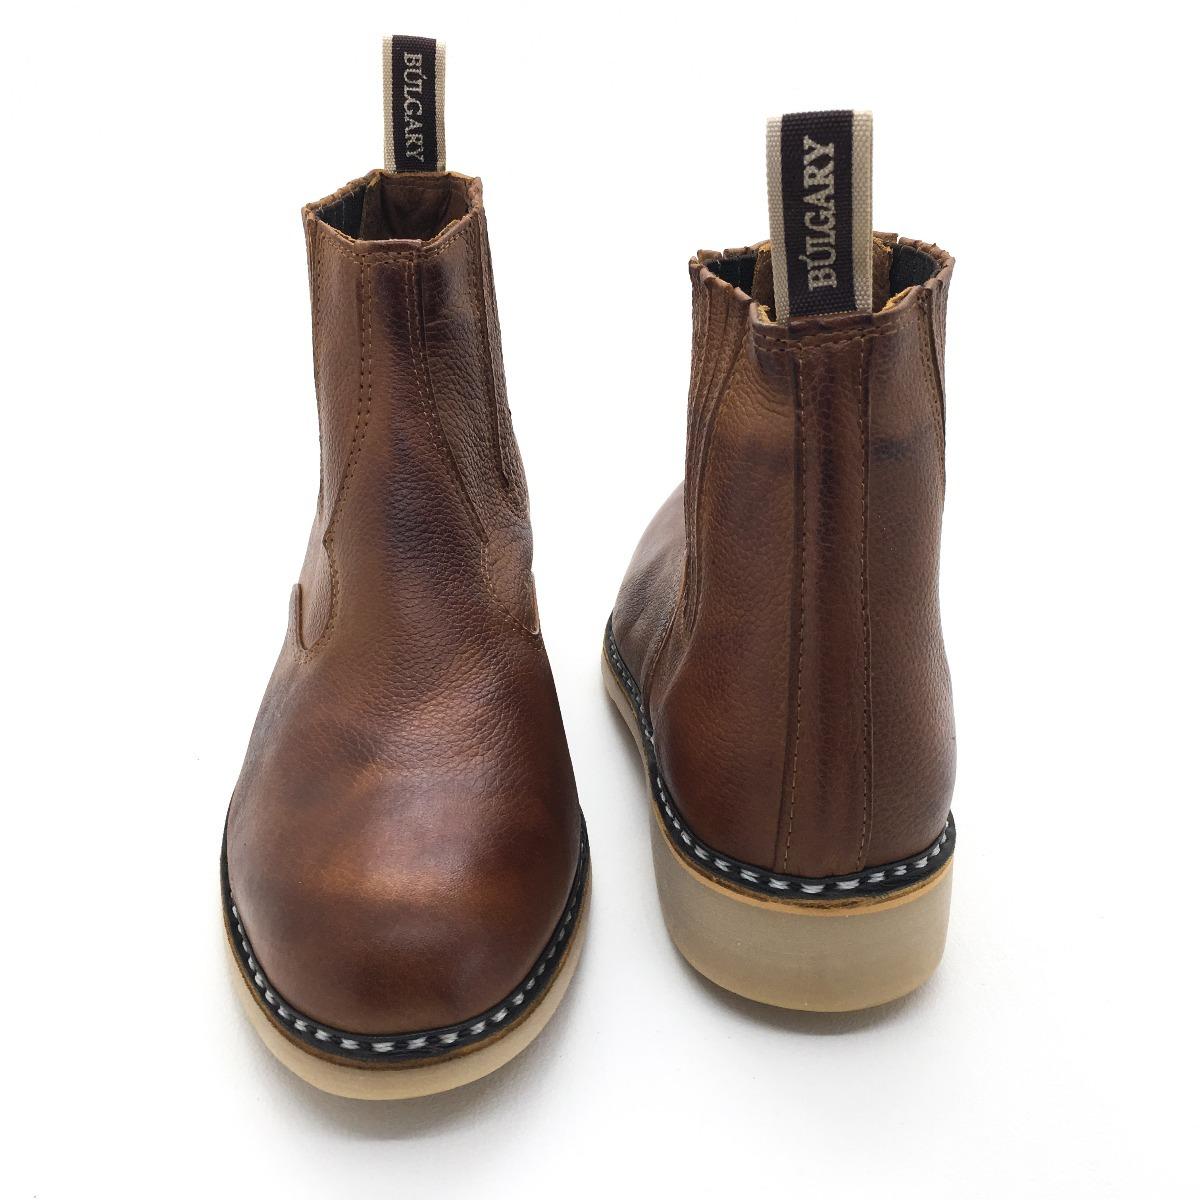 736a897a3 bota costurada a mão reforçada vira francesa couro legítimo. Carregando  zoom.